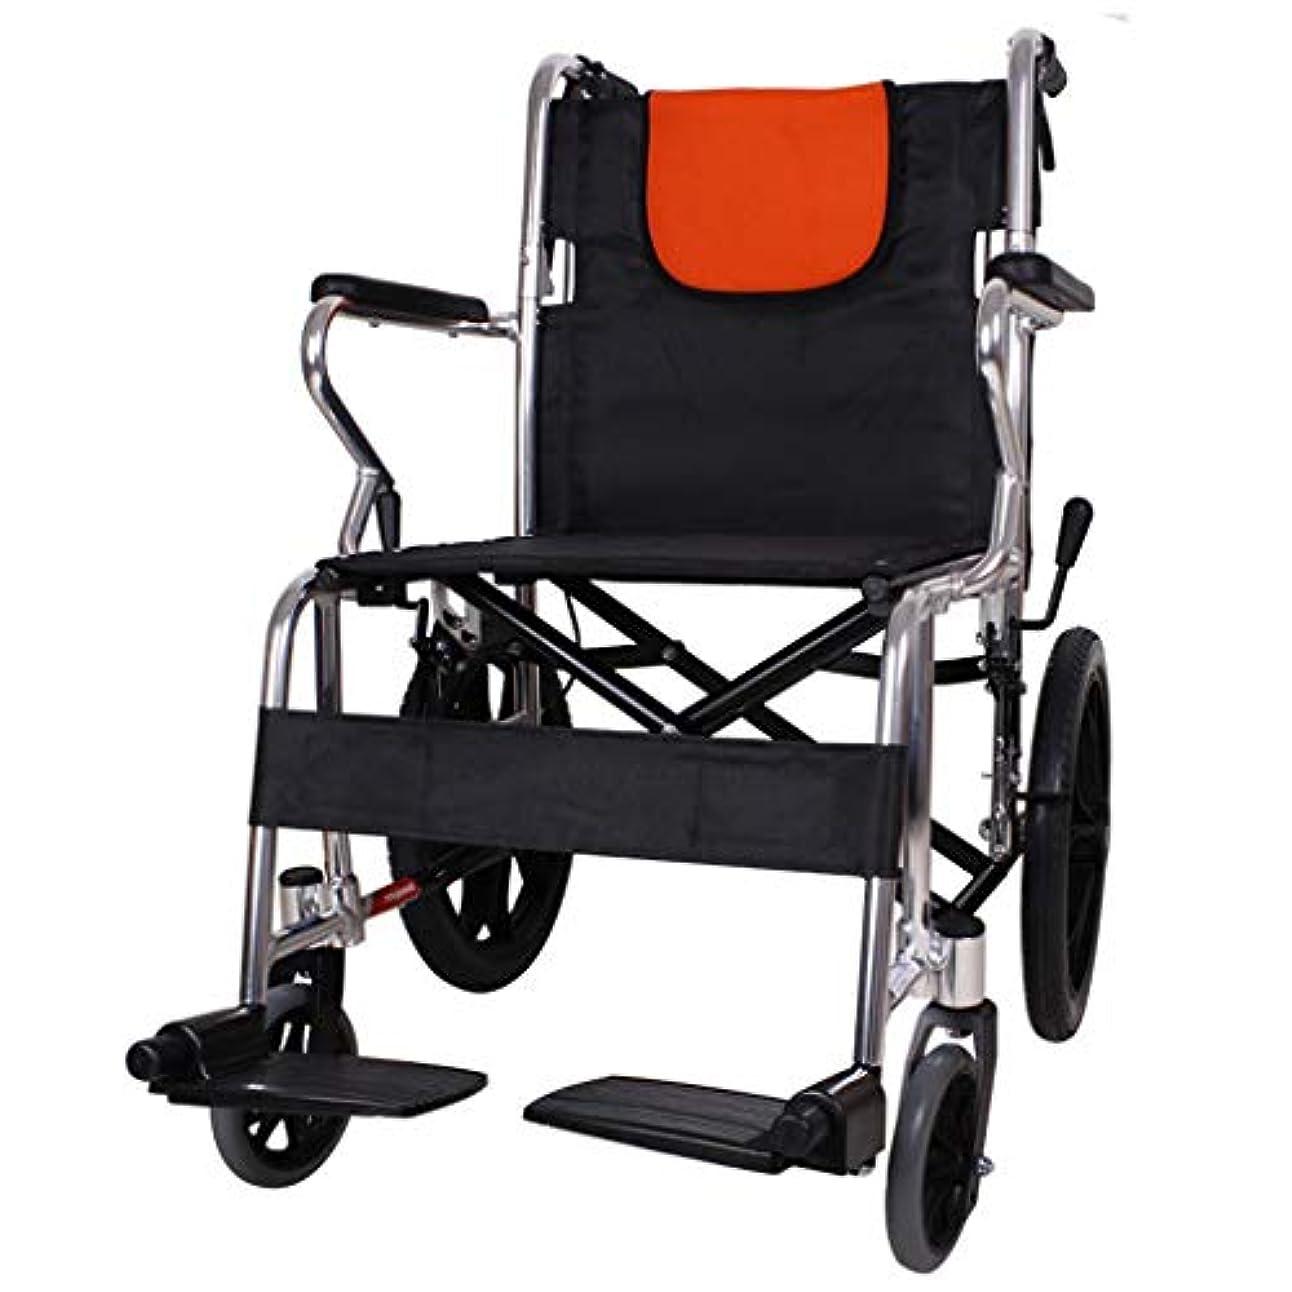 チャレンジ社会主義者アシスタントハンドプッシュ車椅子、折りたたみ式、手動プッシュ式歩行装置、成人および障害者用アルミニウム旅行スクーターに適しています